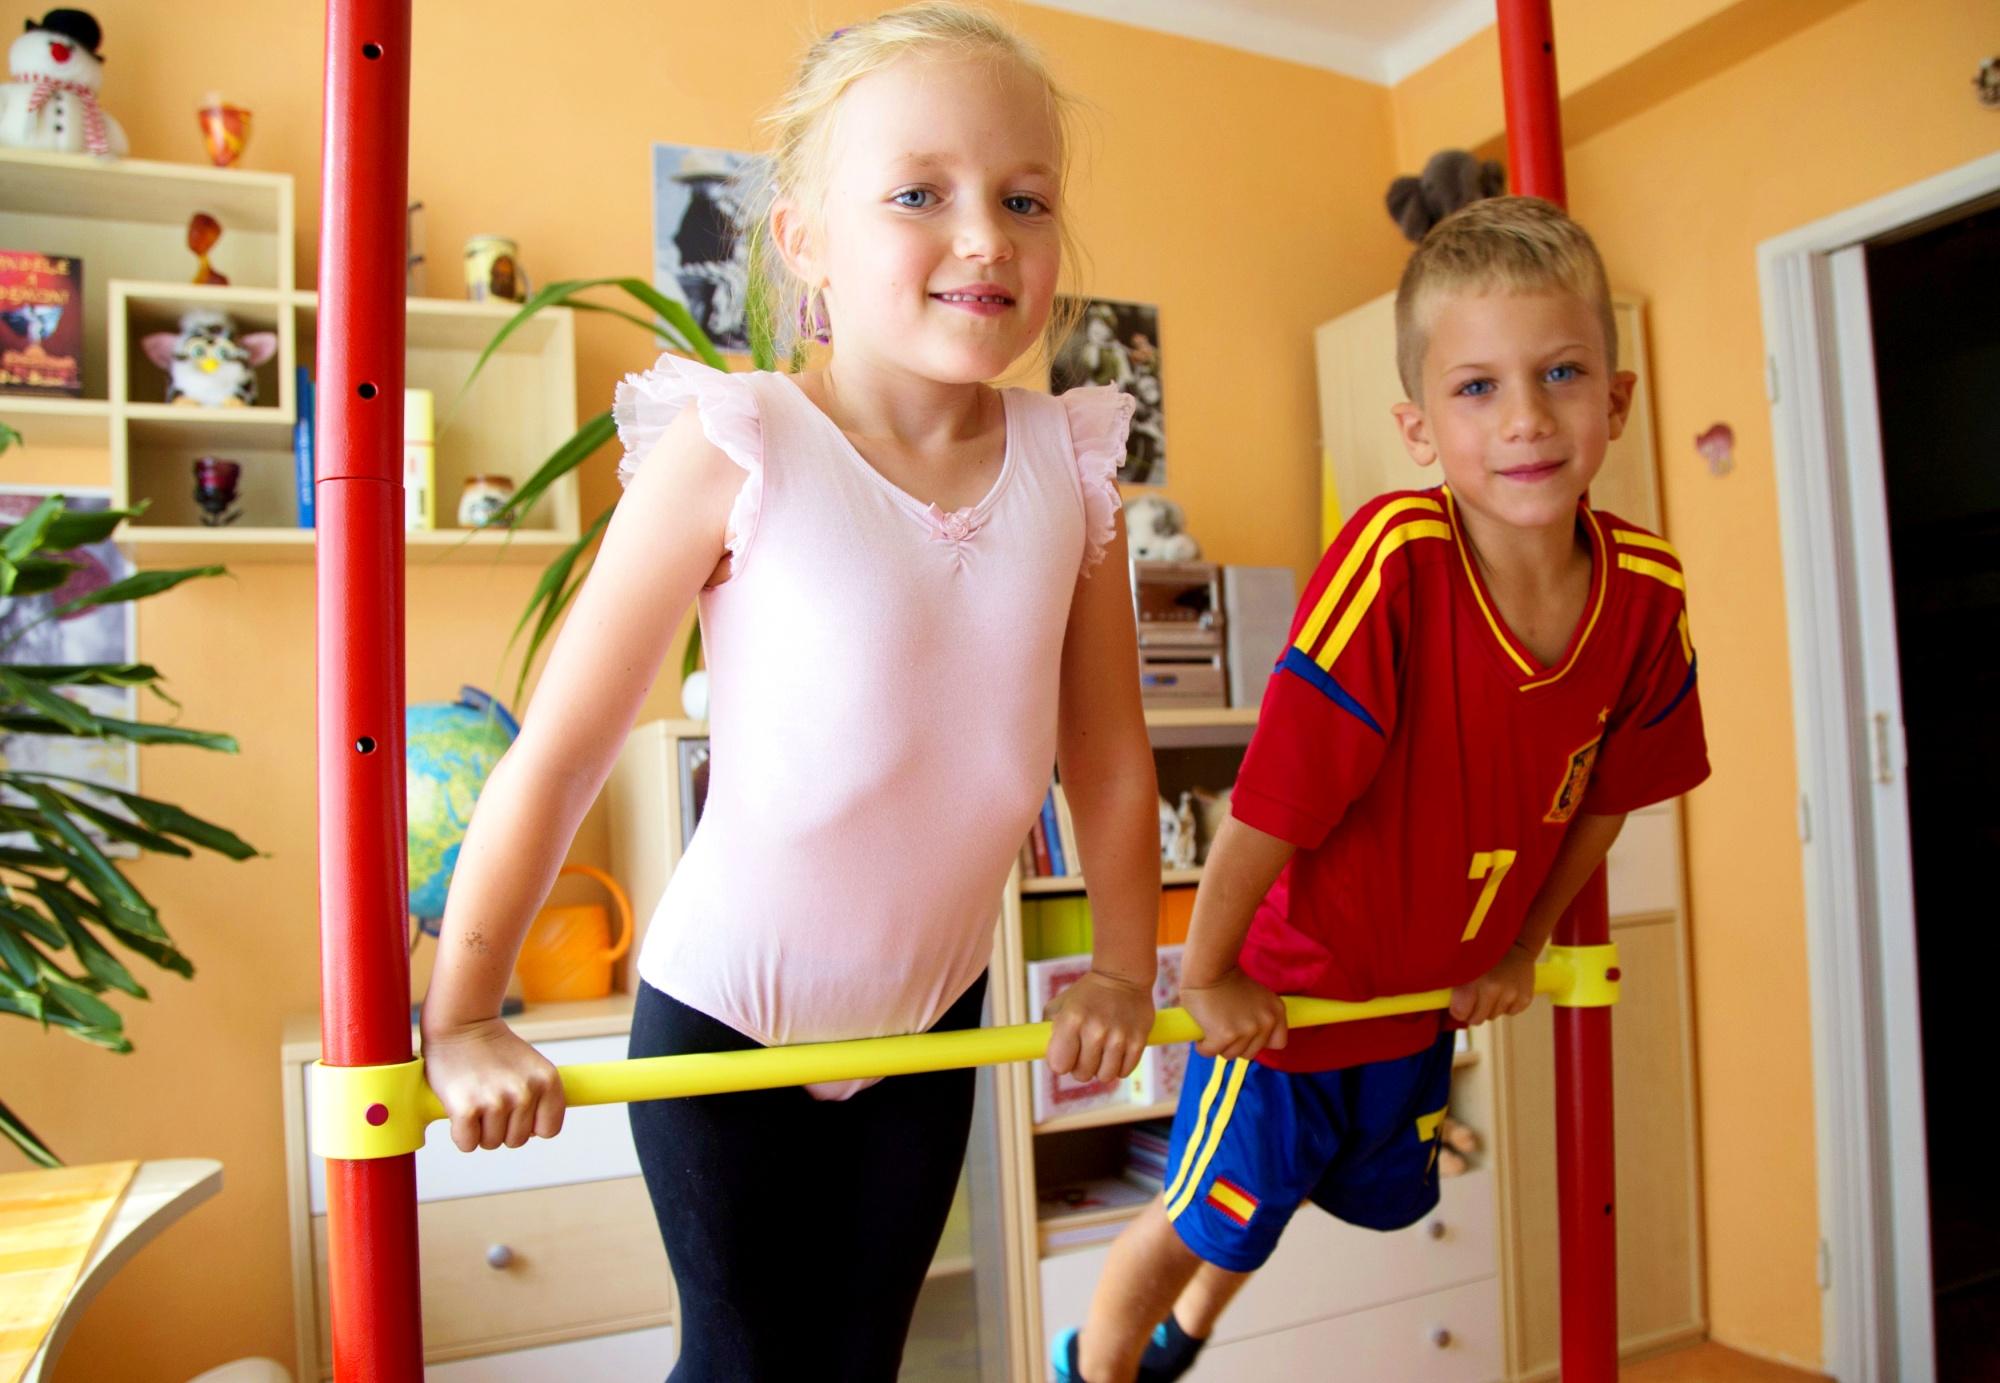 Malí gymnasté v pokojíčku